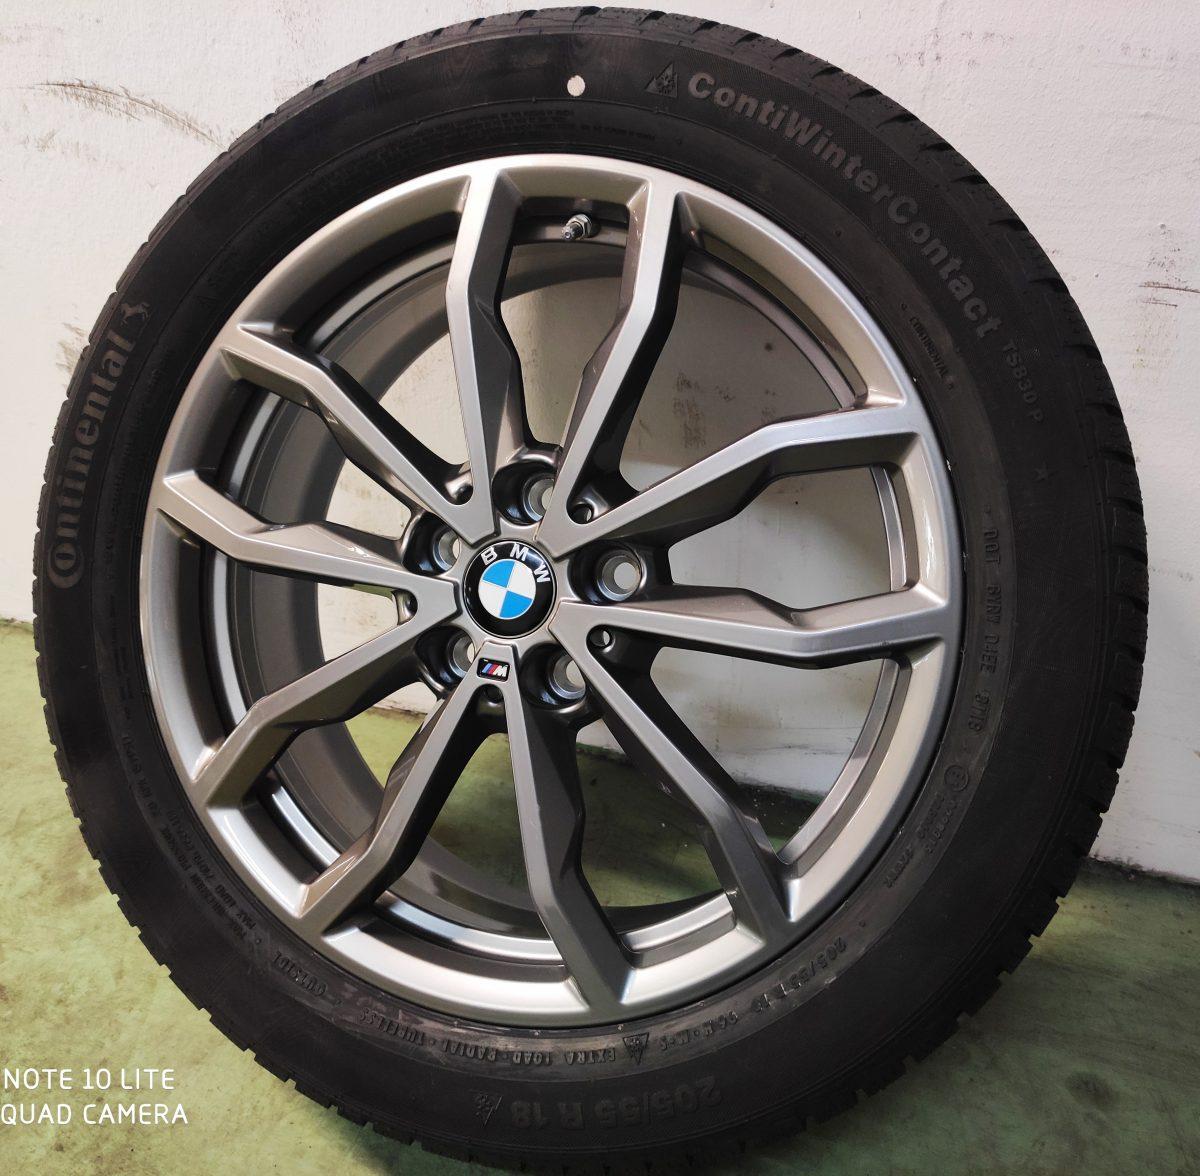 Gyári alufelni BMW X1-X2 F39-F48 (711M styl) 6,5X18Et41 205/55R18 Continental téli gumikkal. 1